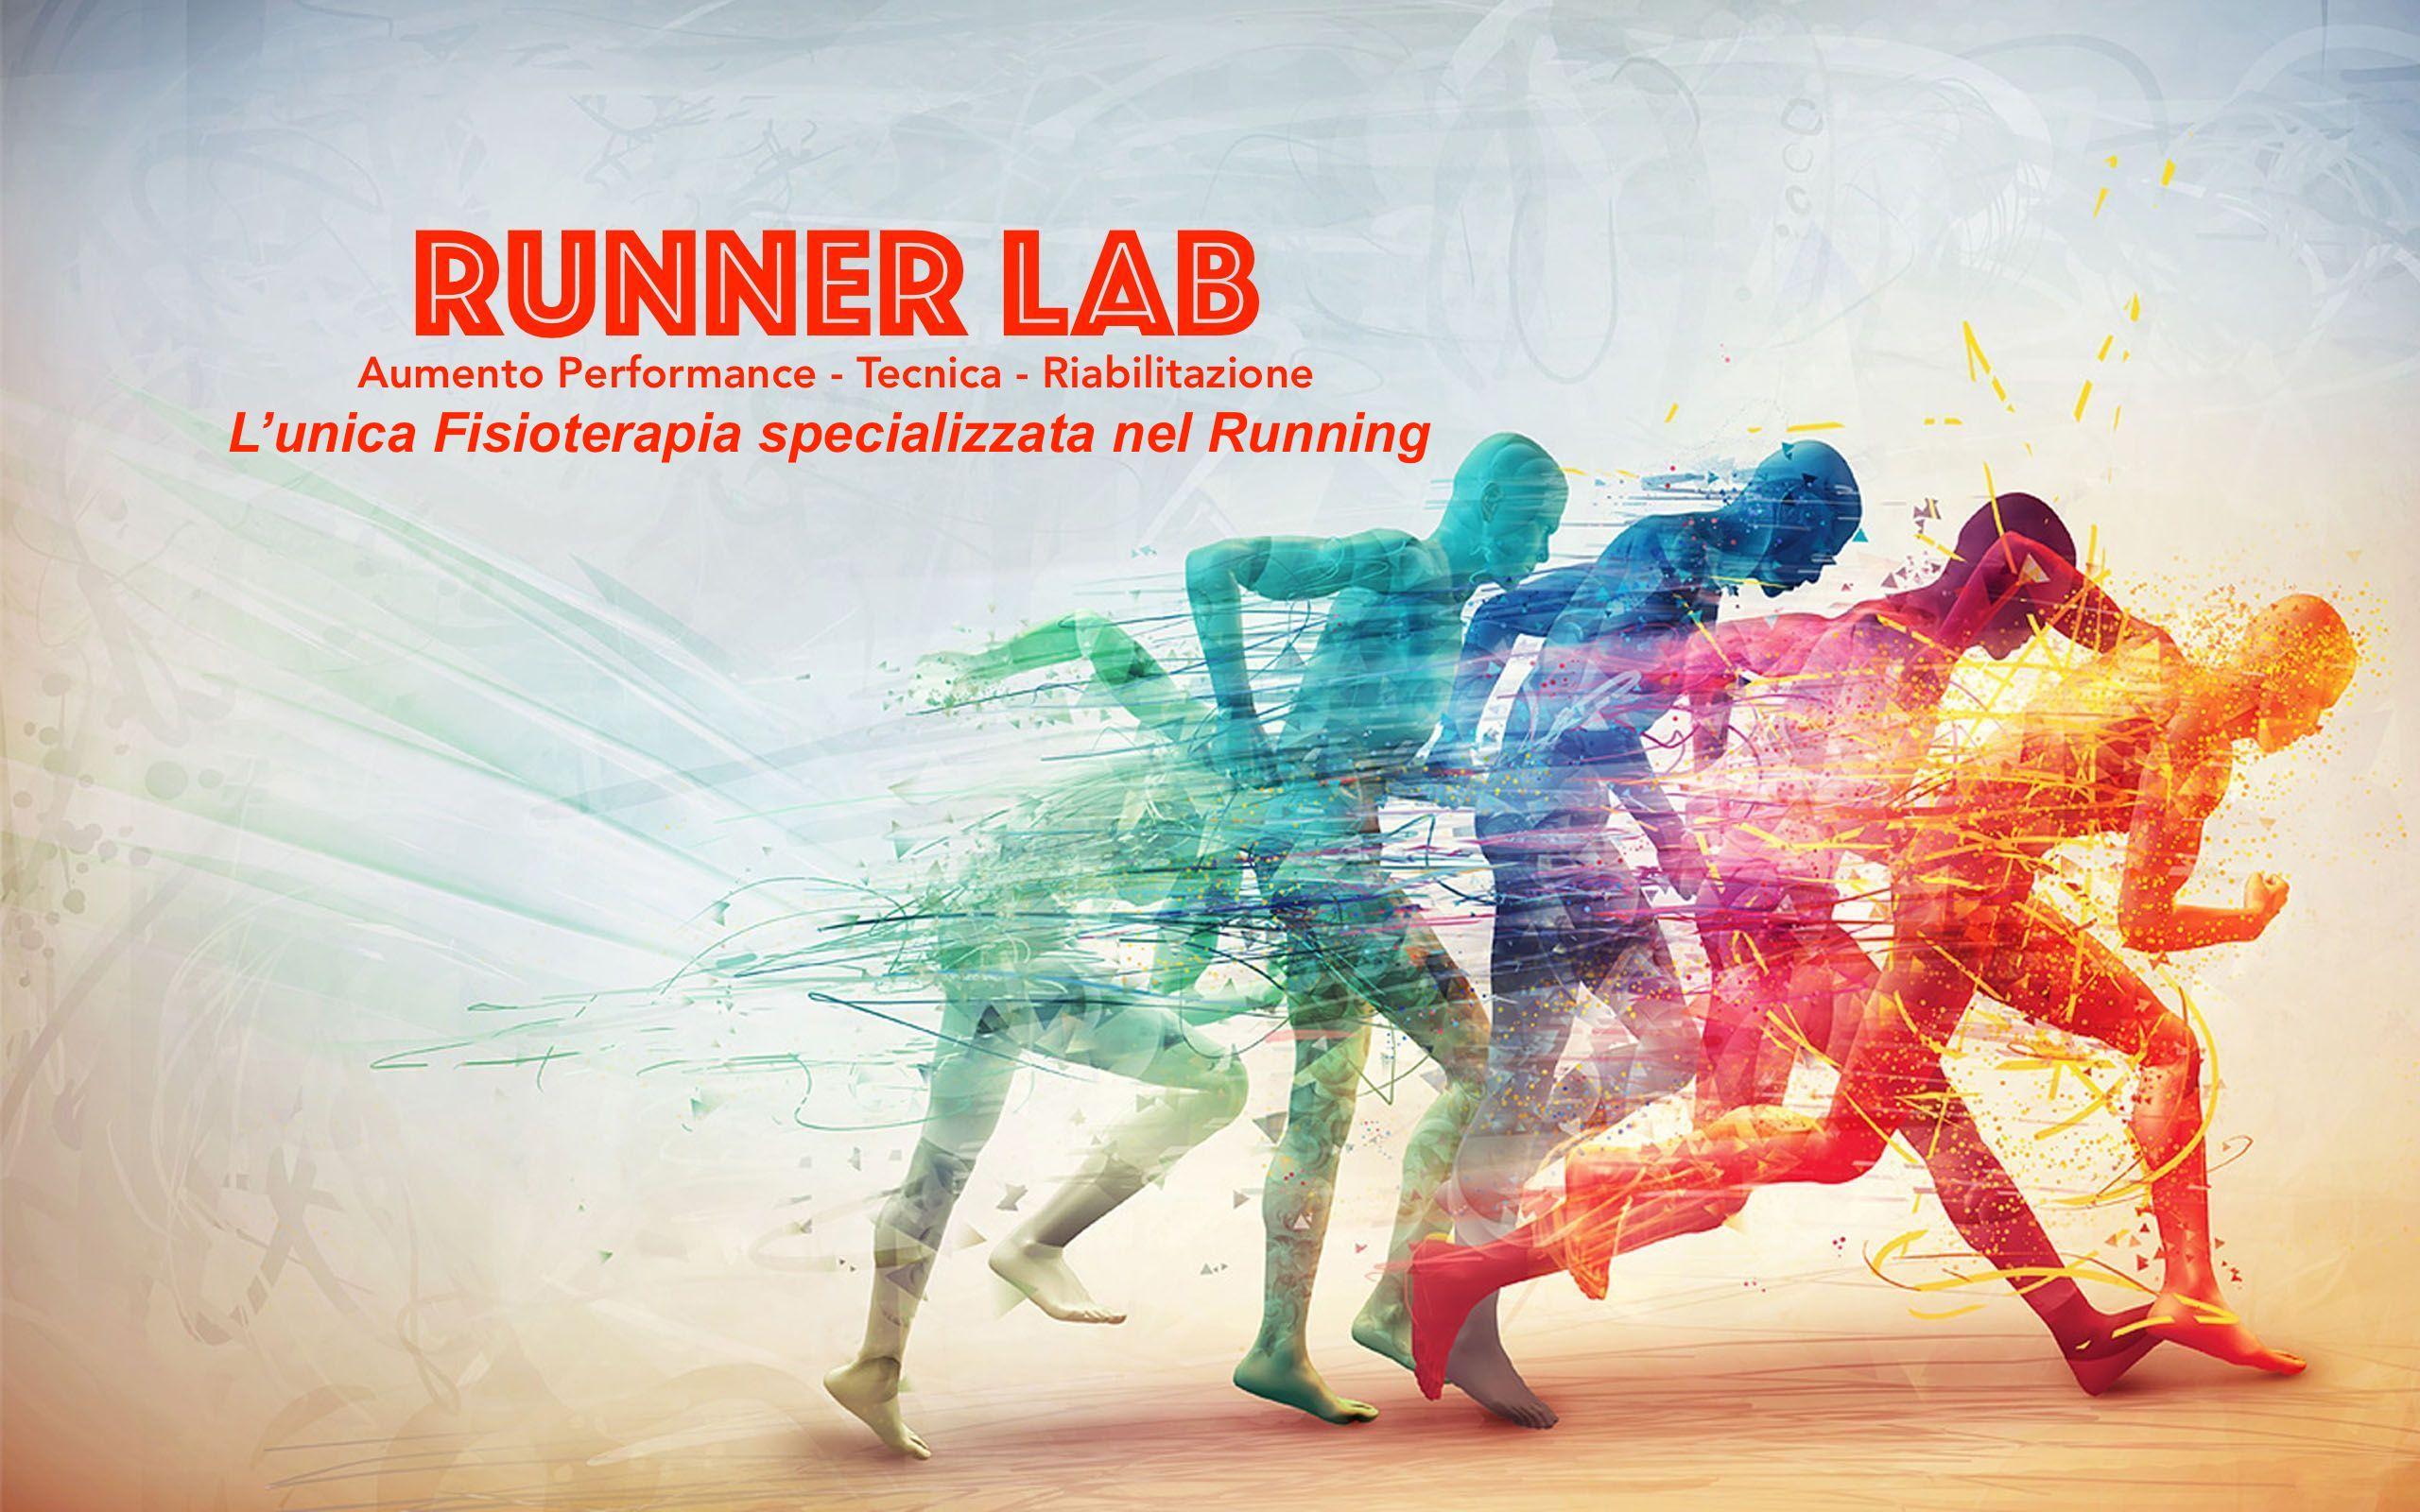 L'Unica Fisioterapia per il Runner